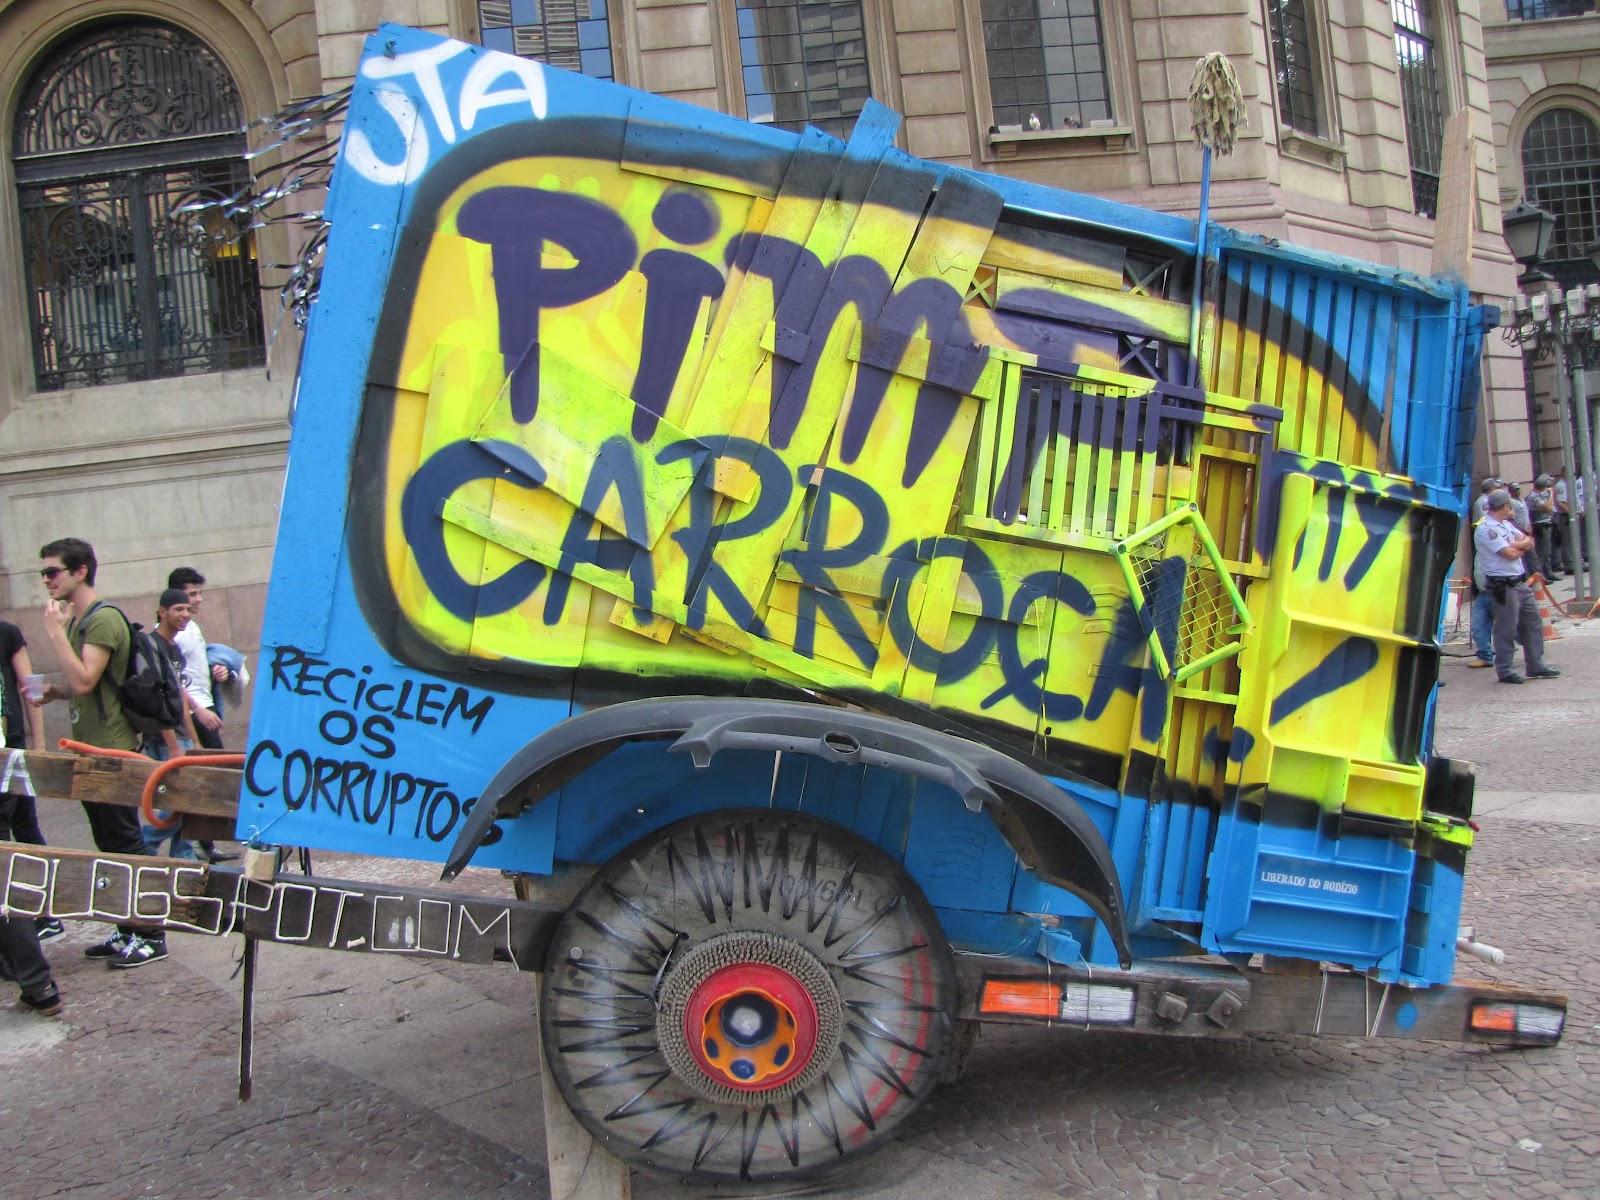 urban trash art porjeto 31 pimp my carro a virada cultural 2012. Black Bedroom Furniture Sets. Home Design Ideas